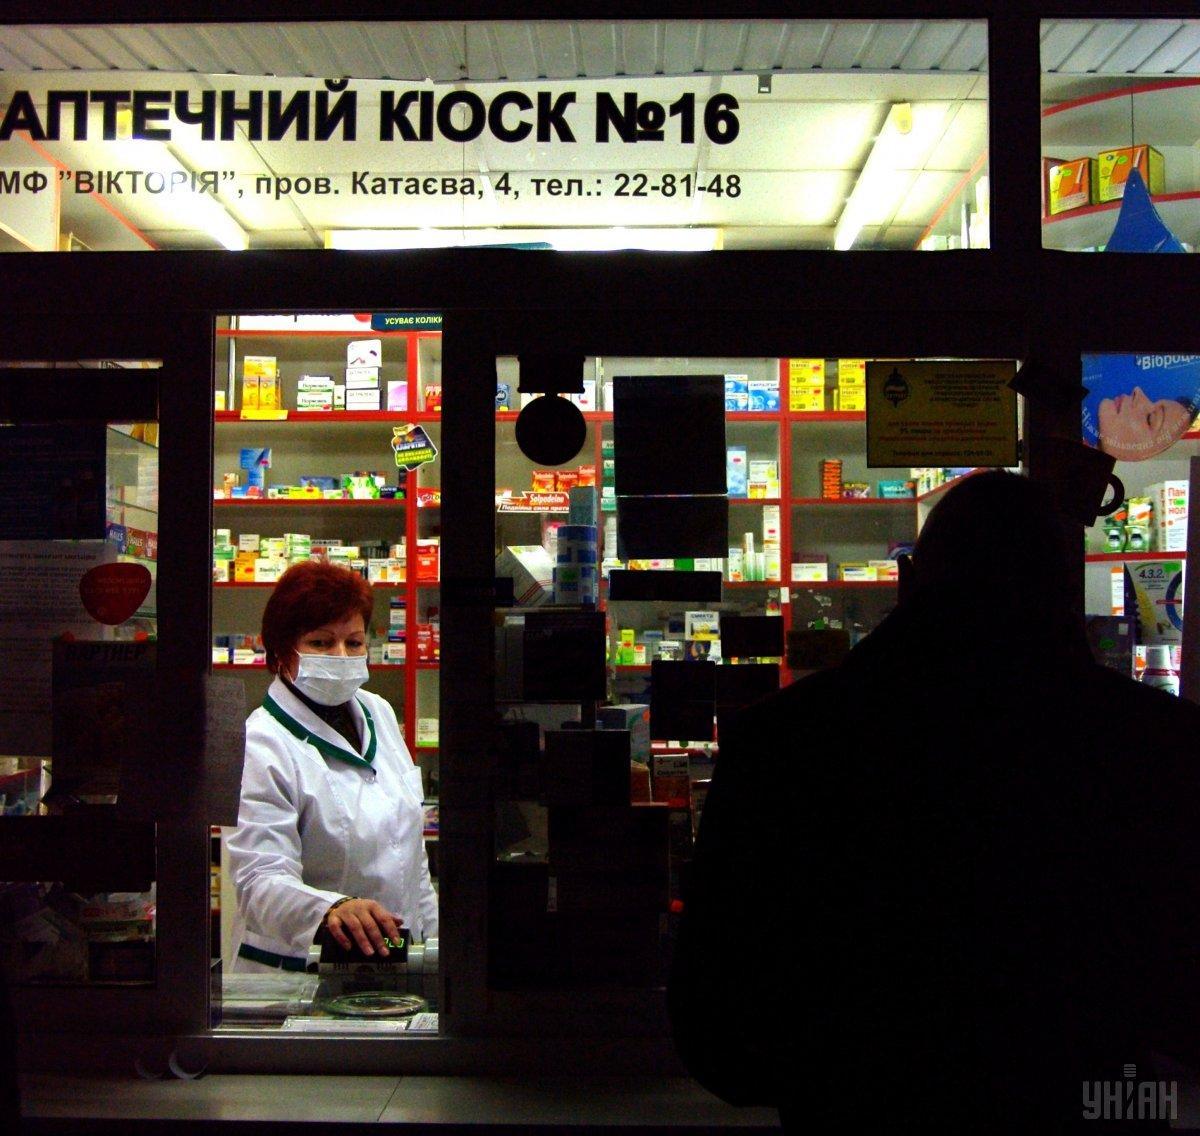 Более половины украинцев первоочередной мерой реформирования здравоохранения называют удешевление лекарств / фото УНИАН